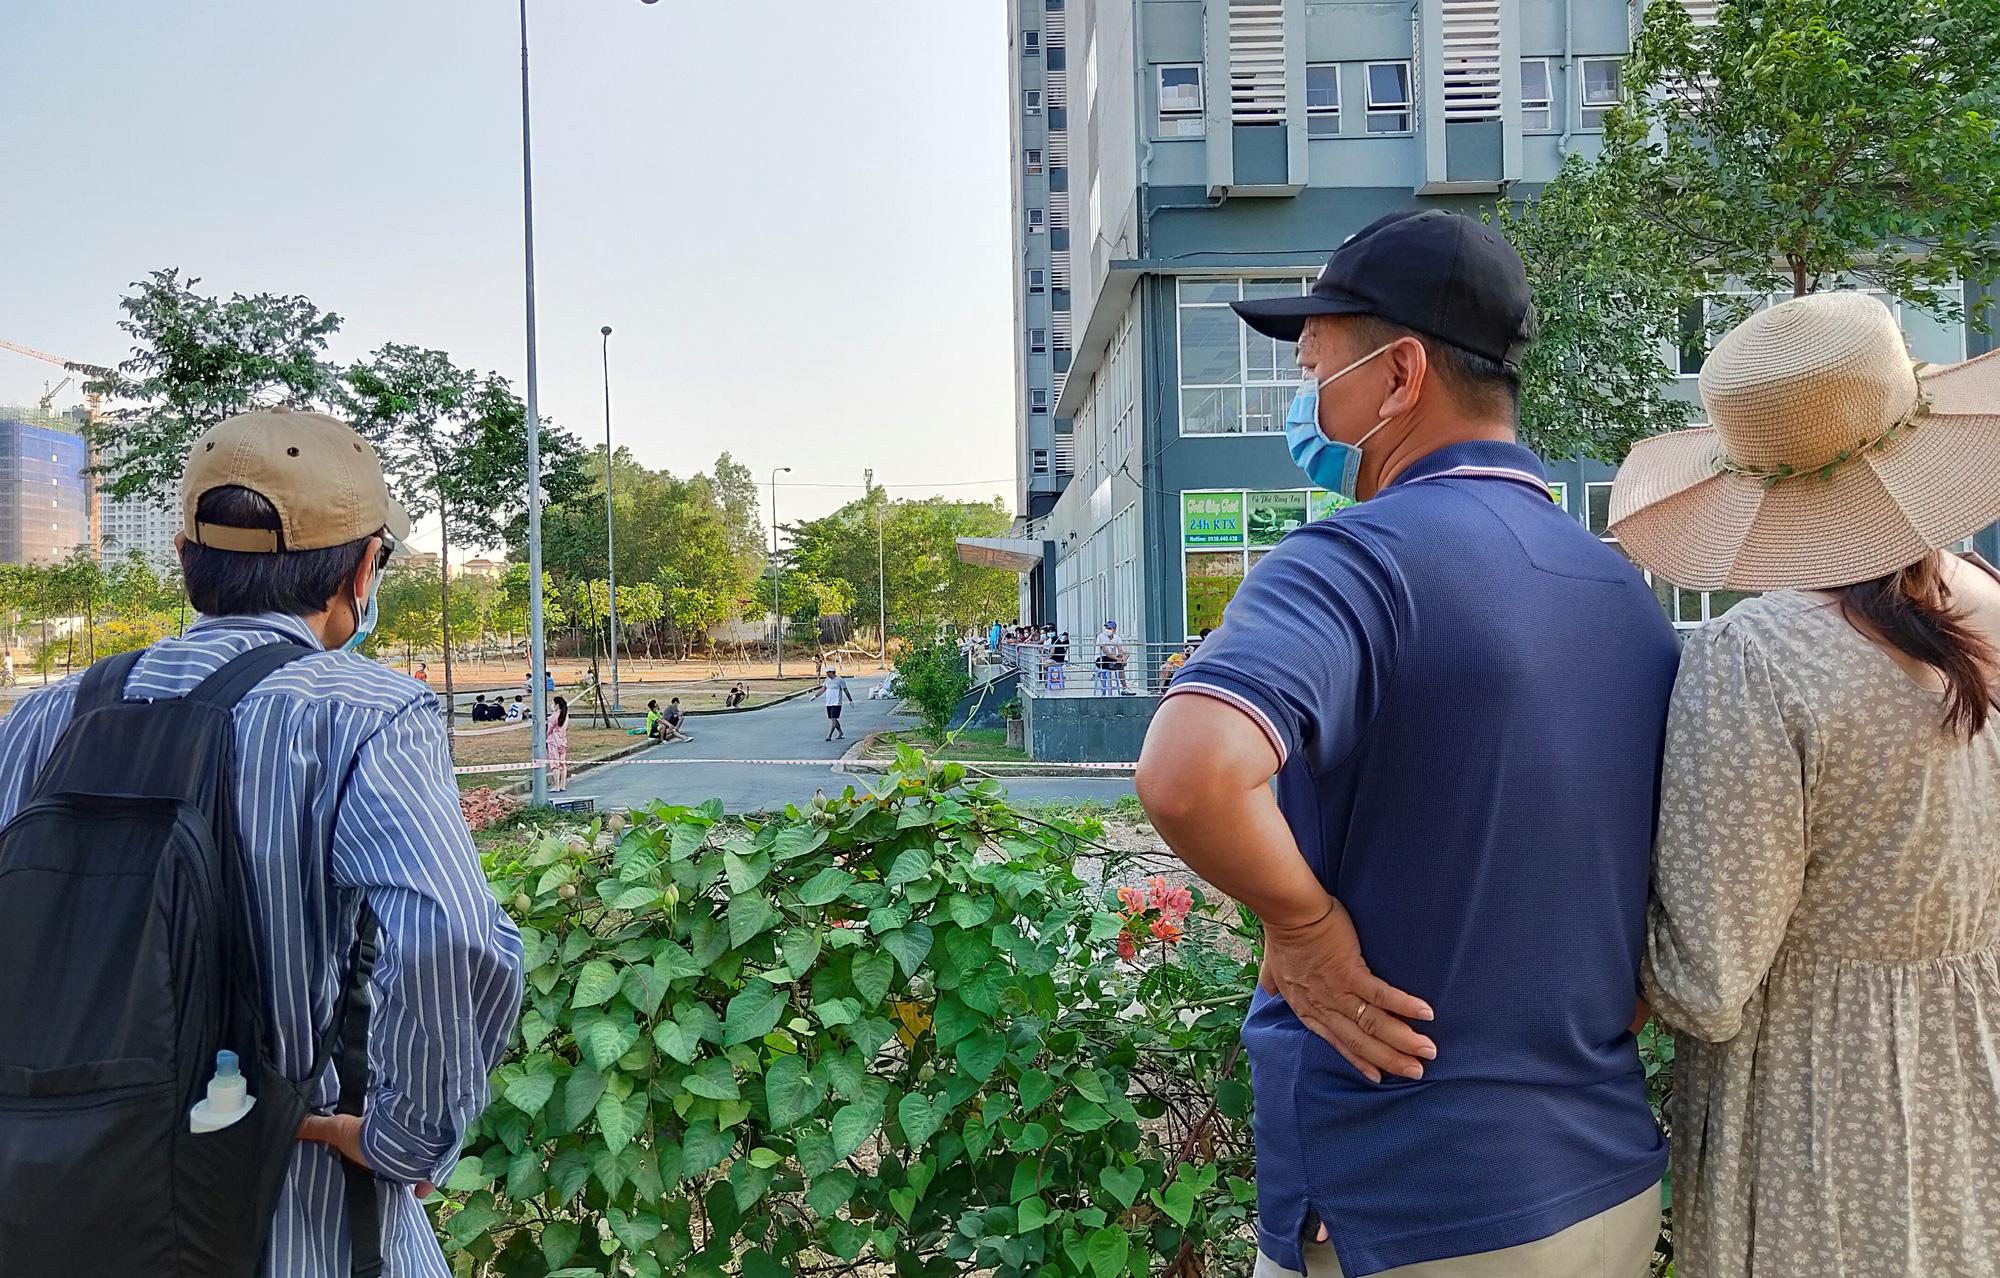 Hàng trăm người đội nắng để gửi đồ cho thân nhân trong khu cách li tại kí túc xá Đại học Quốc gia TP HCM - Ảnh 19.